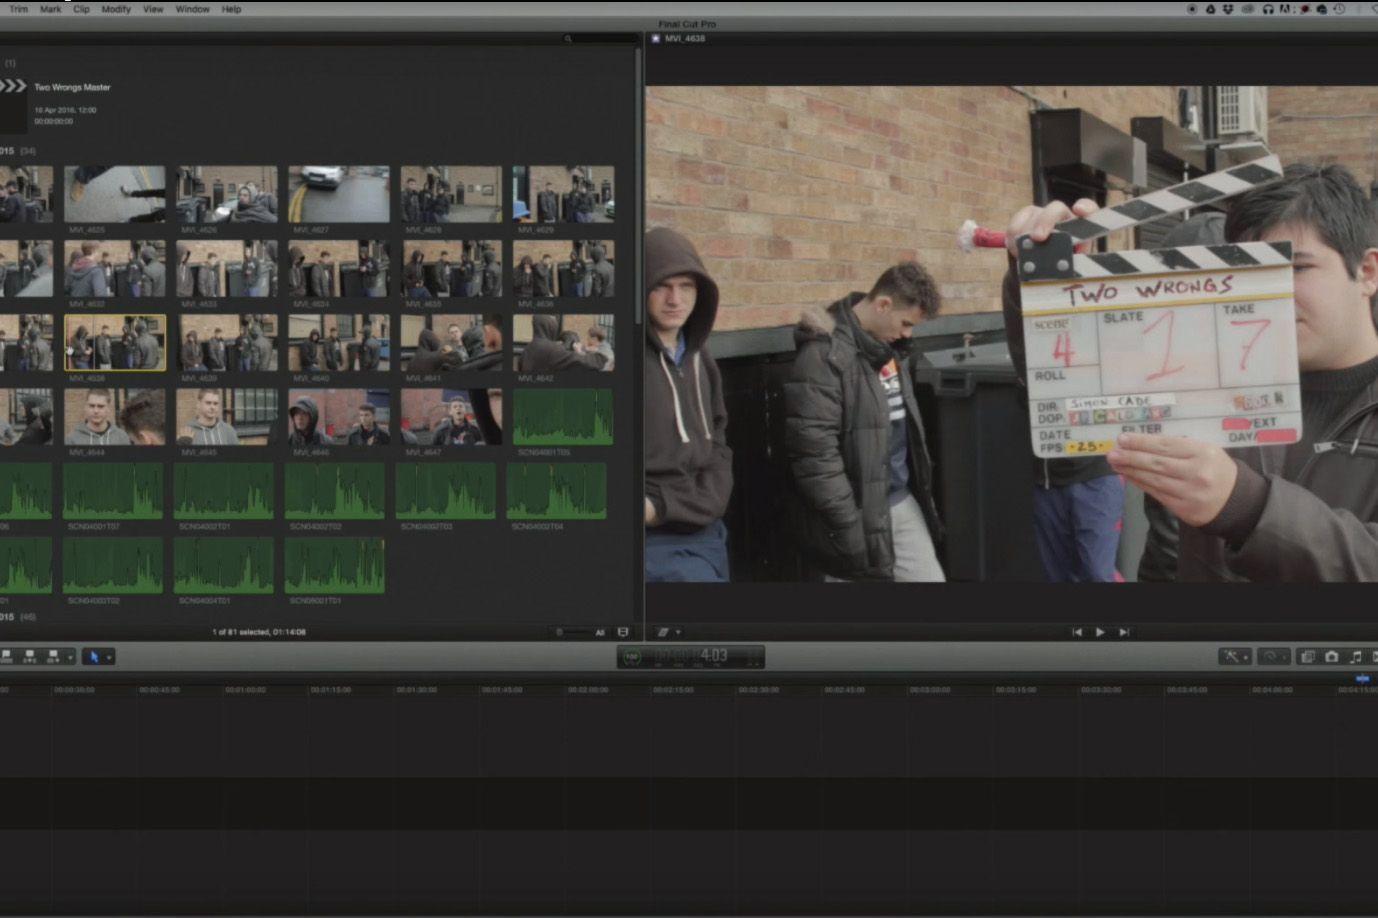 Flujo de trabajo en edicion de videos